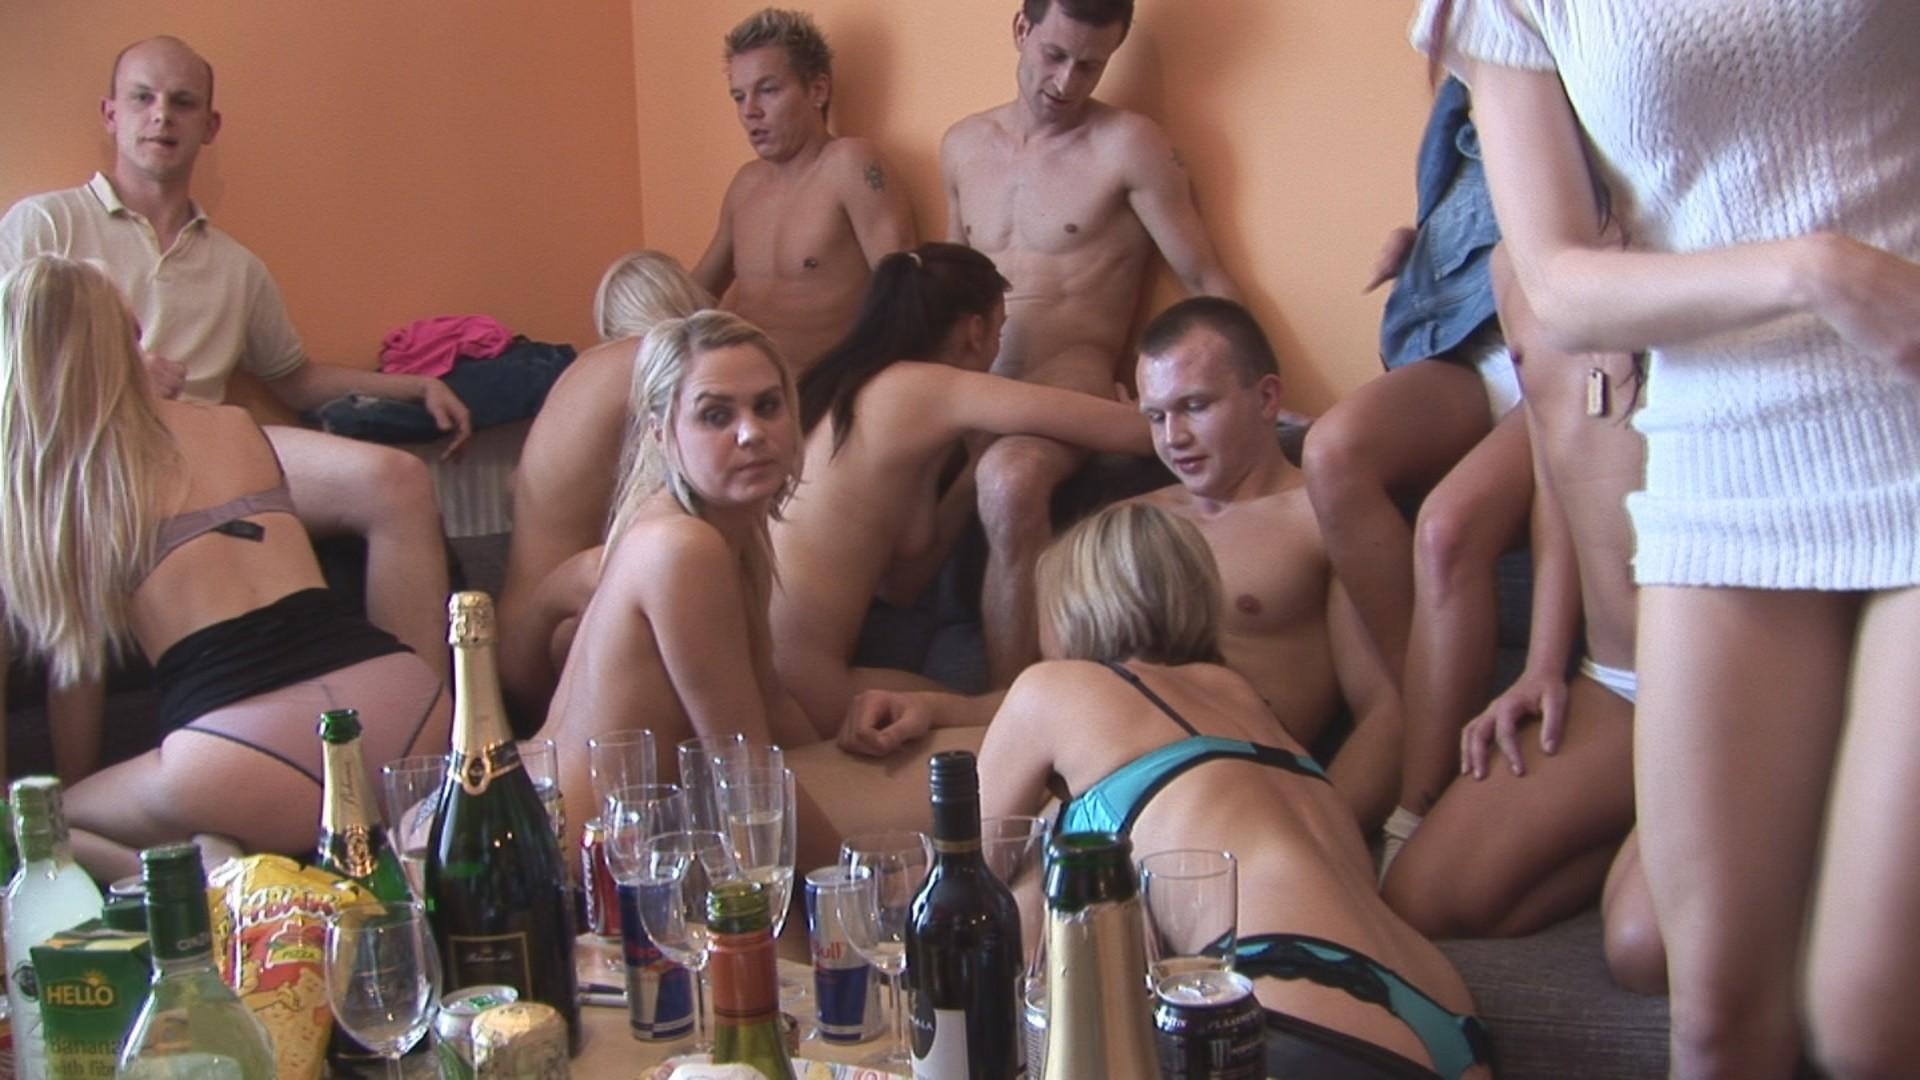 Чешские свингеры 4, Чешские свингеры онлайн. Смотреть бесплатное порно 4 фотография